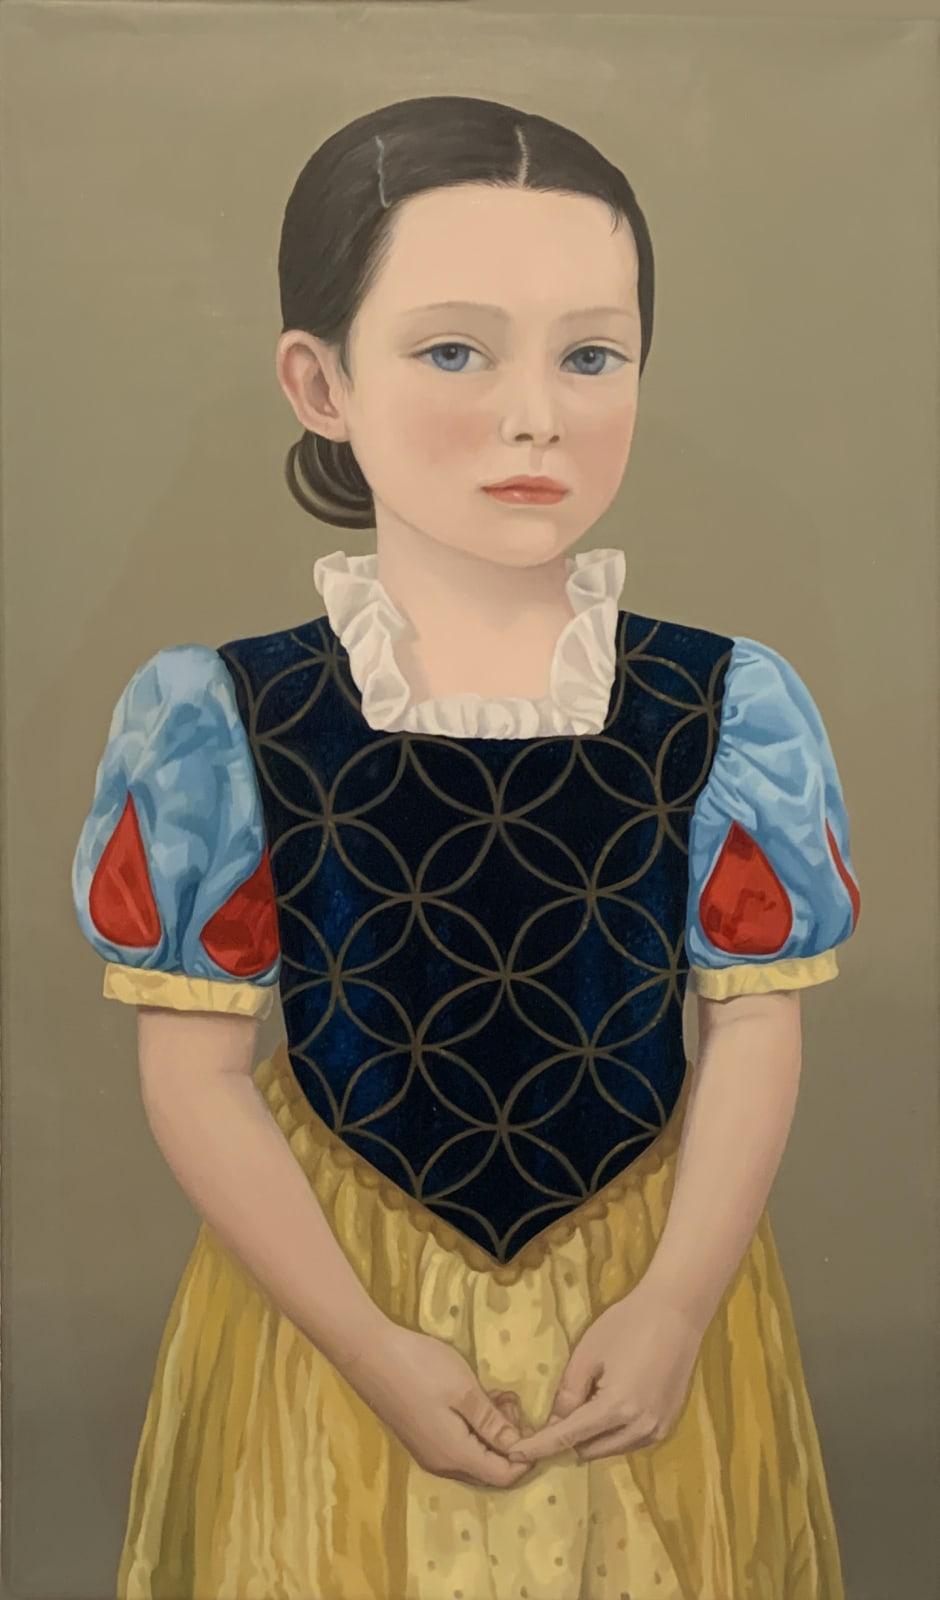 Cristina Bunello Persona: Snow White Oil on canvas 30 x 20 cm